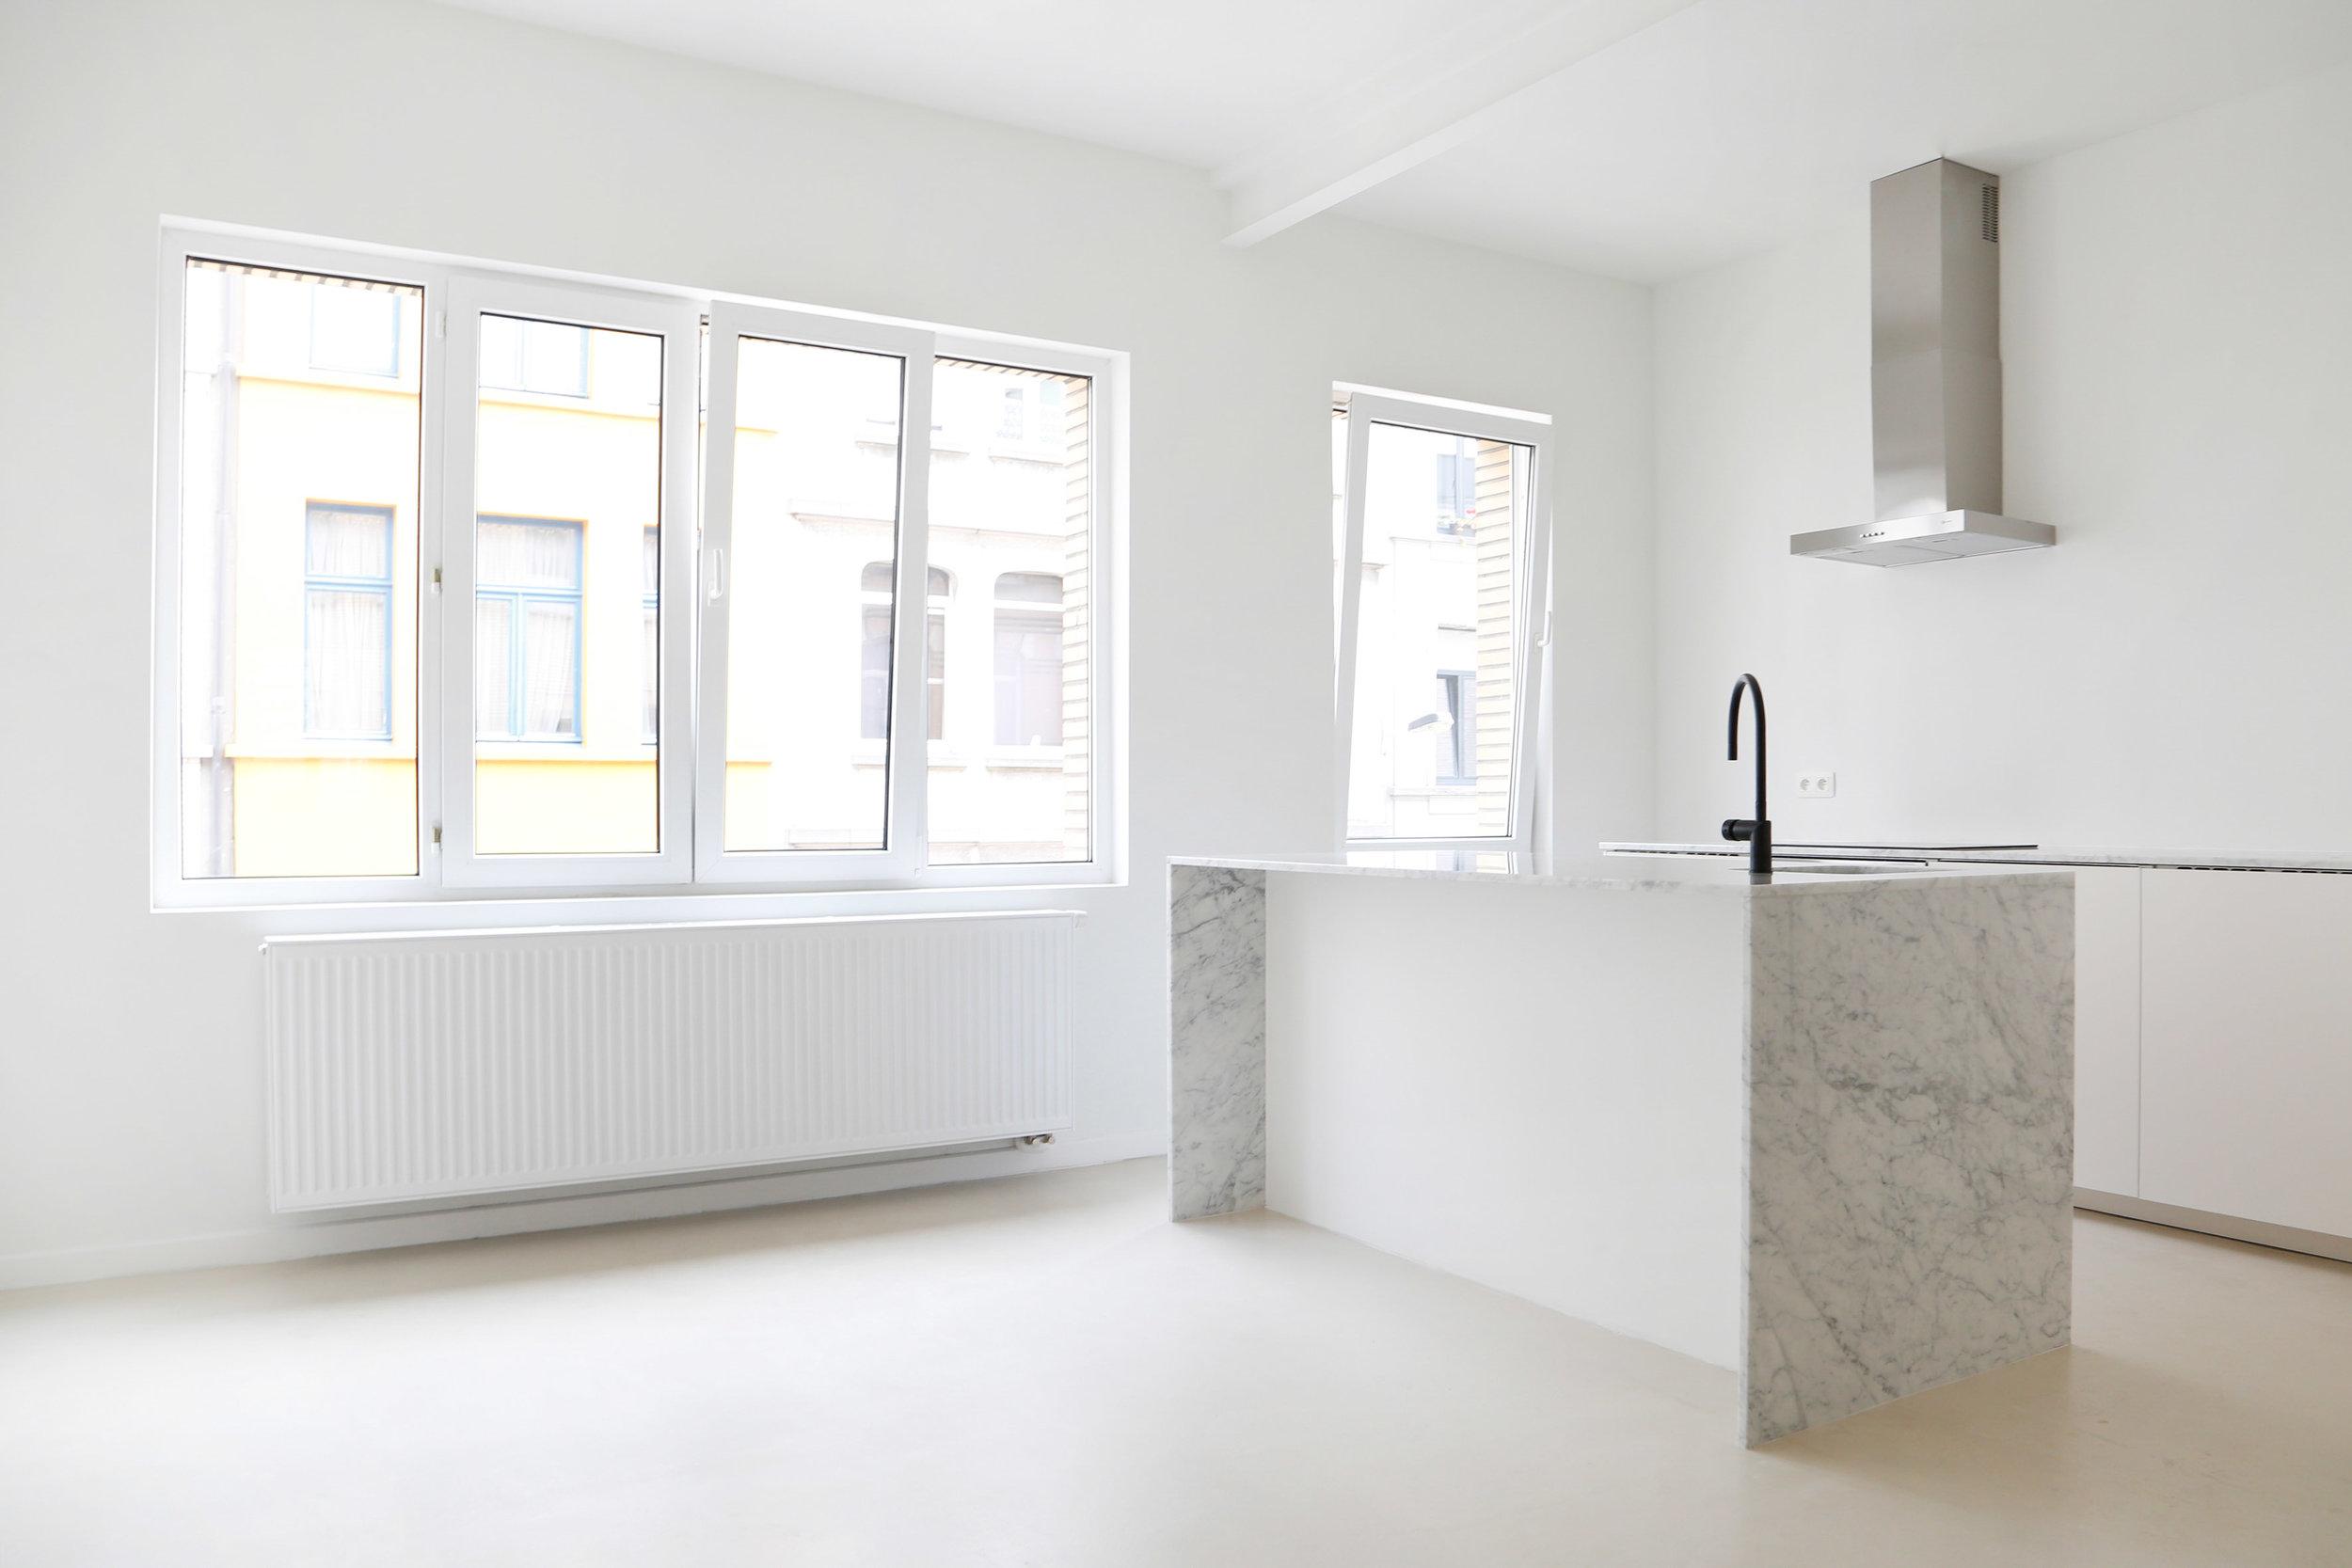 edwardpecherstraat10.jpg